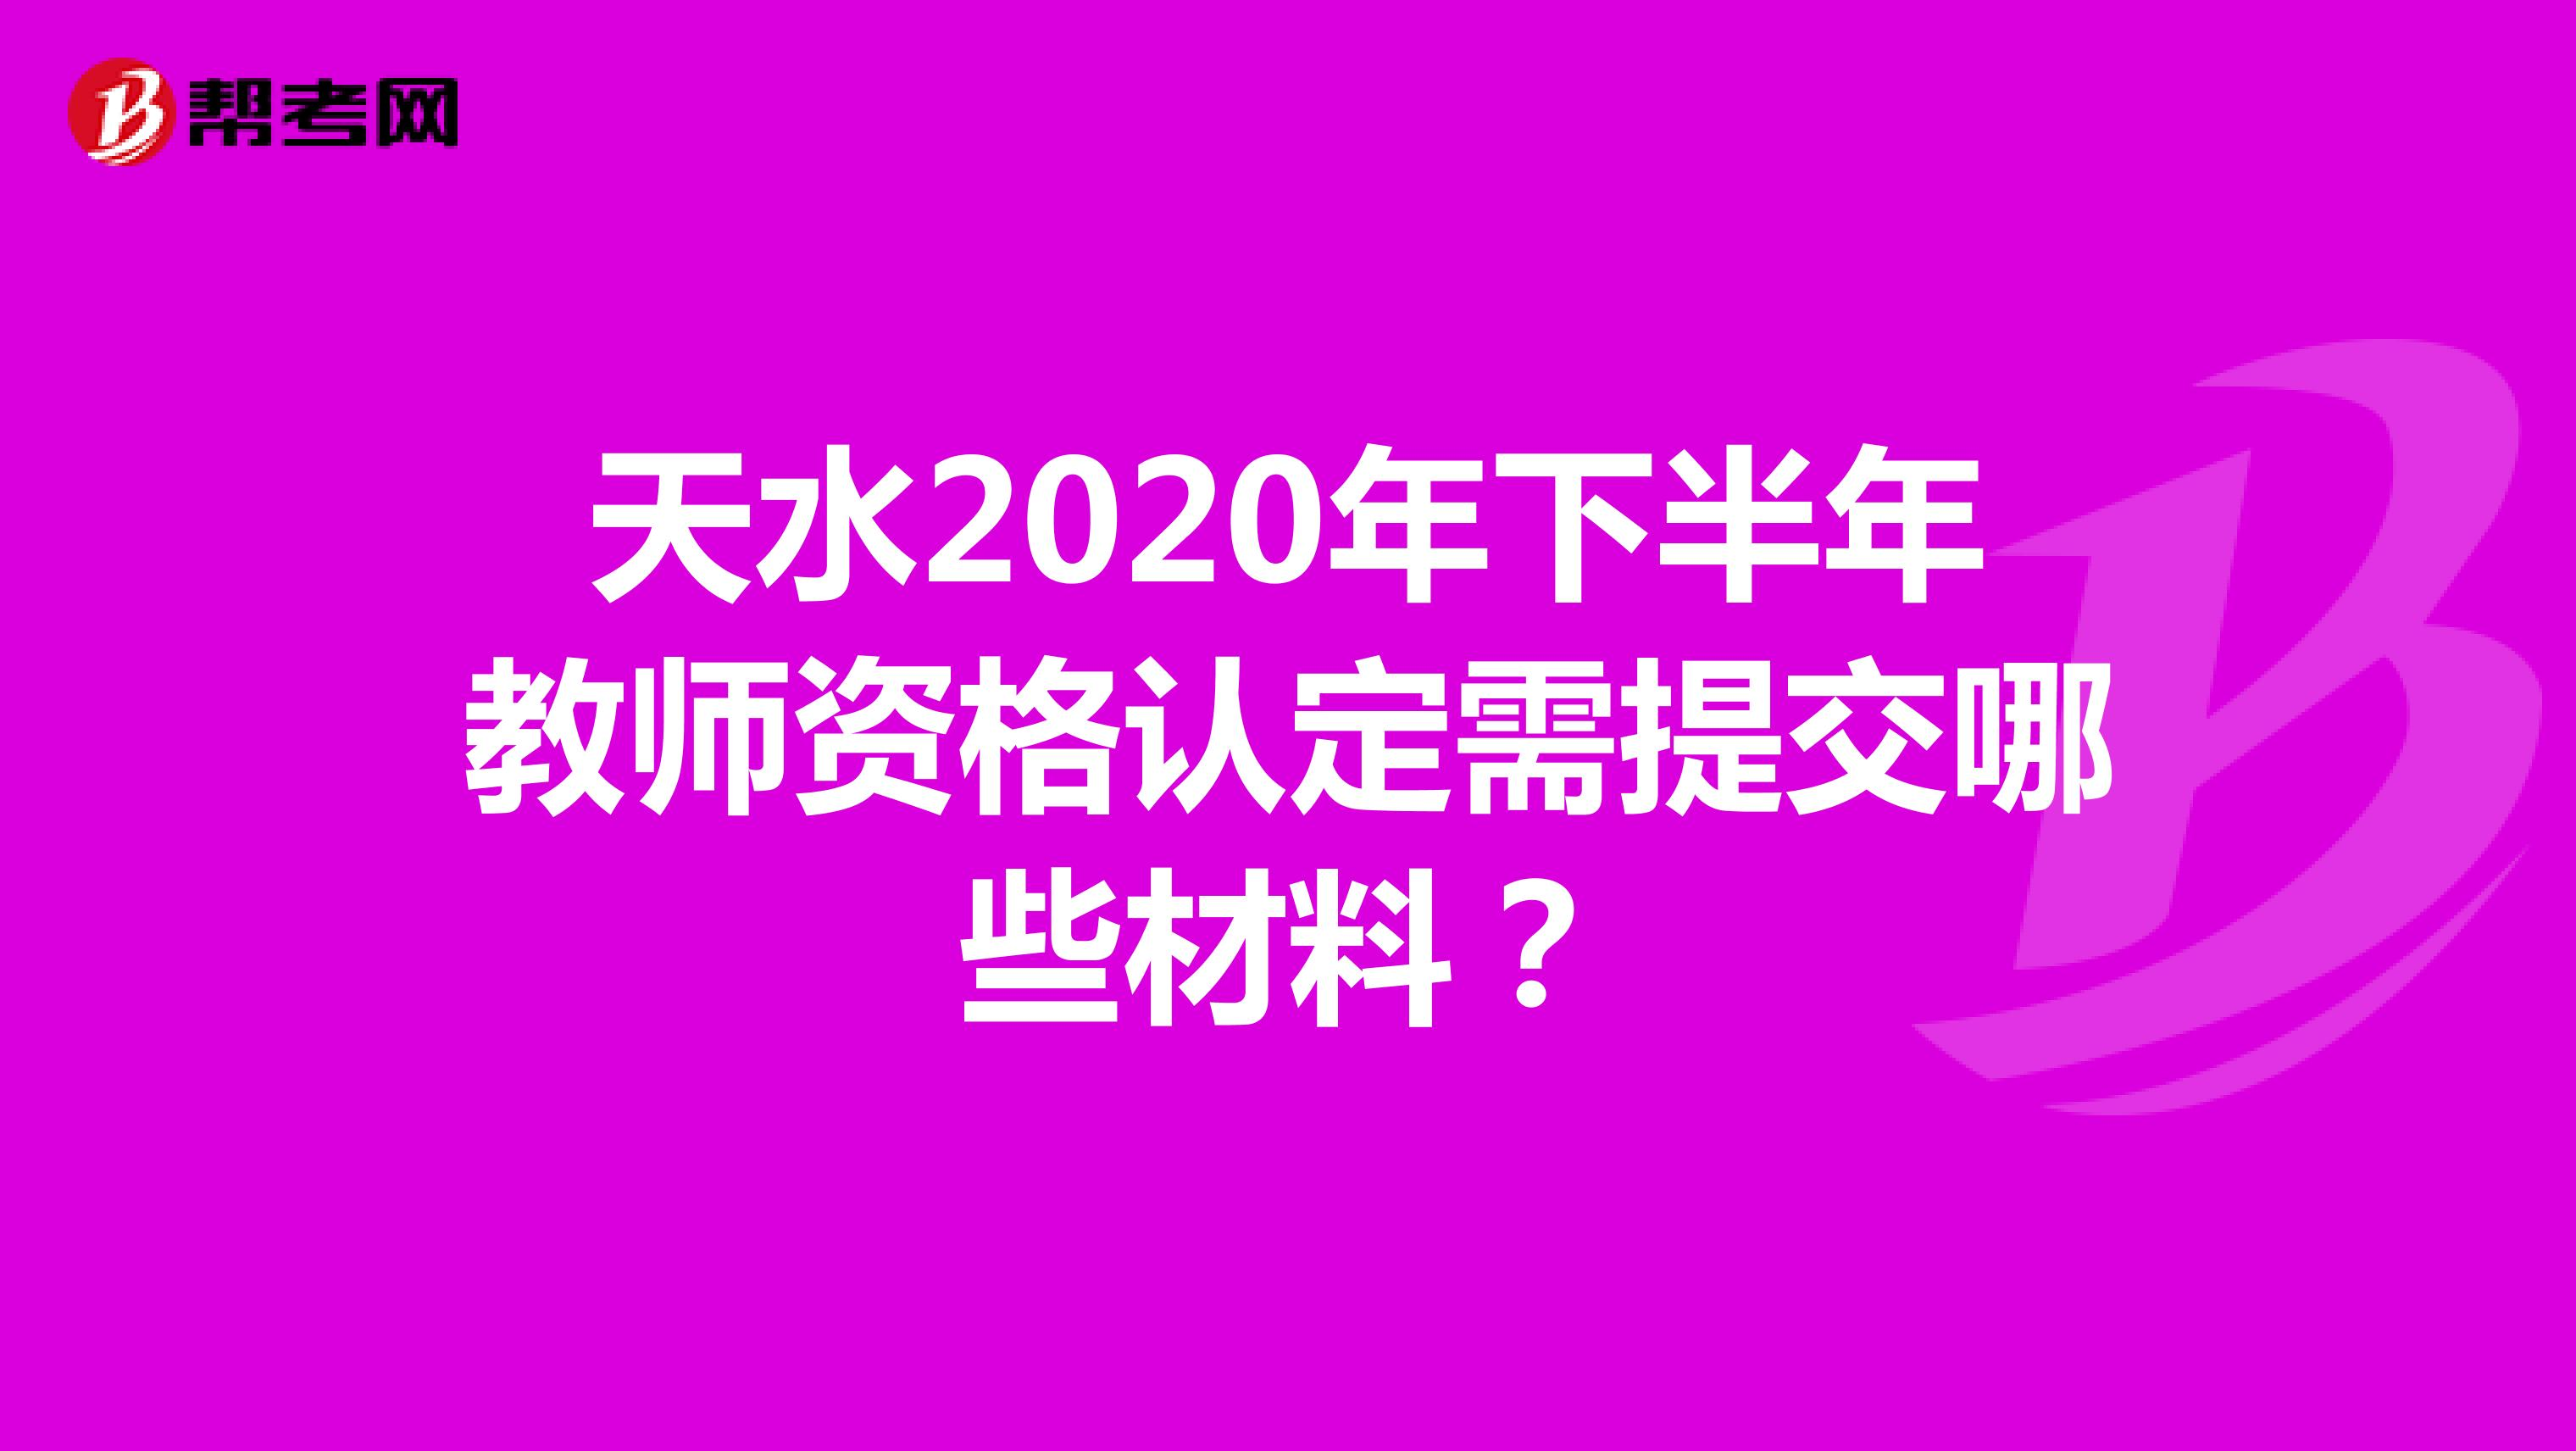 天水2020年下半年教师资格认定需提交哪些材料?